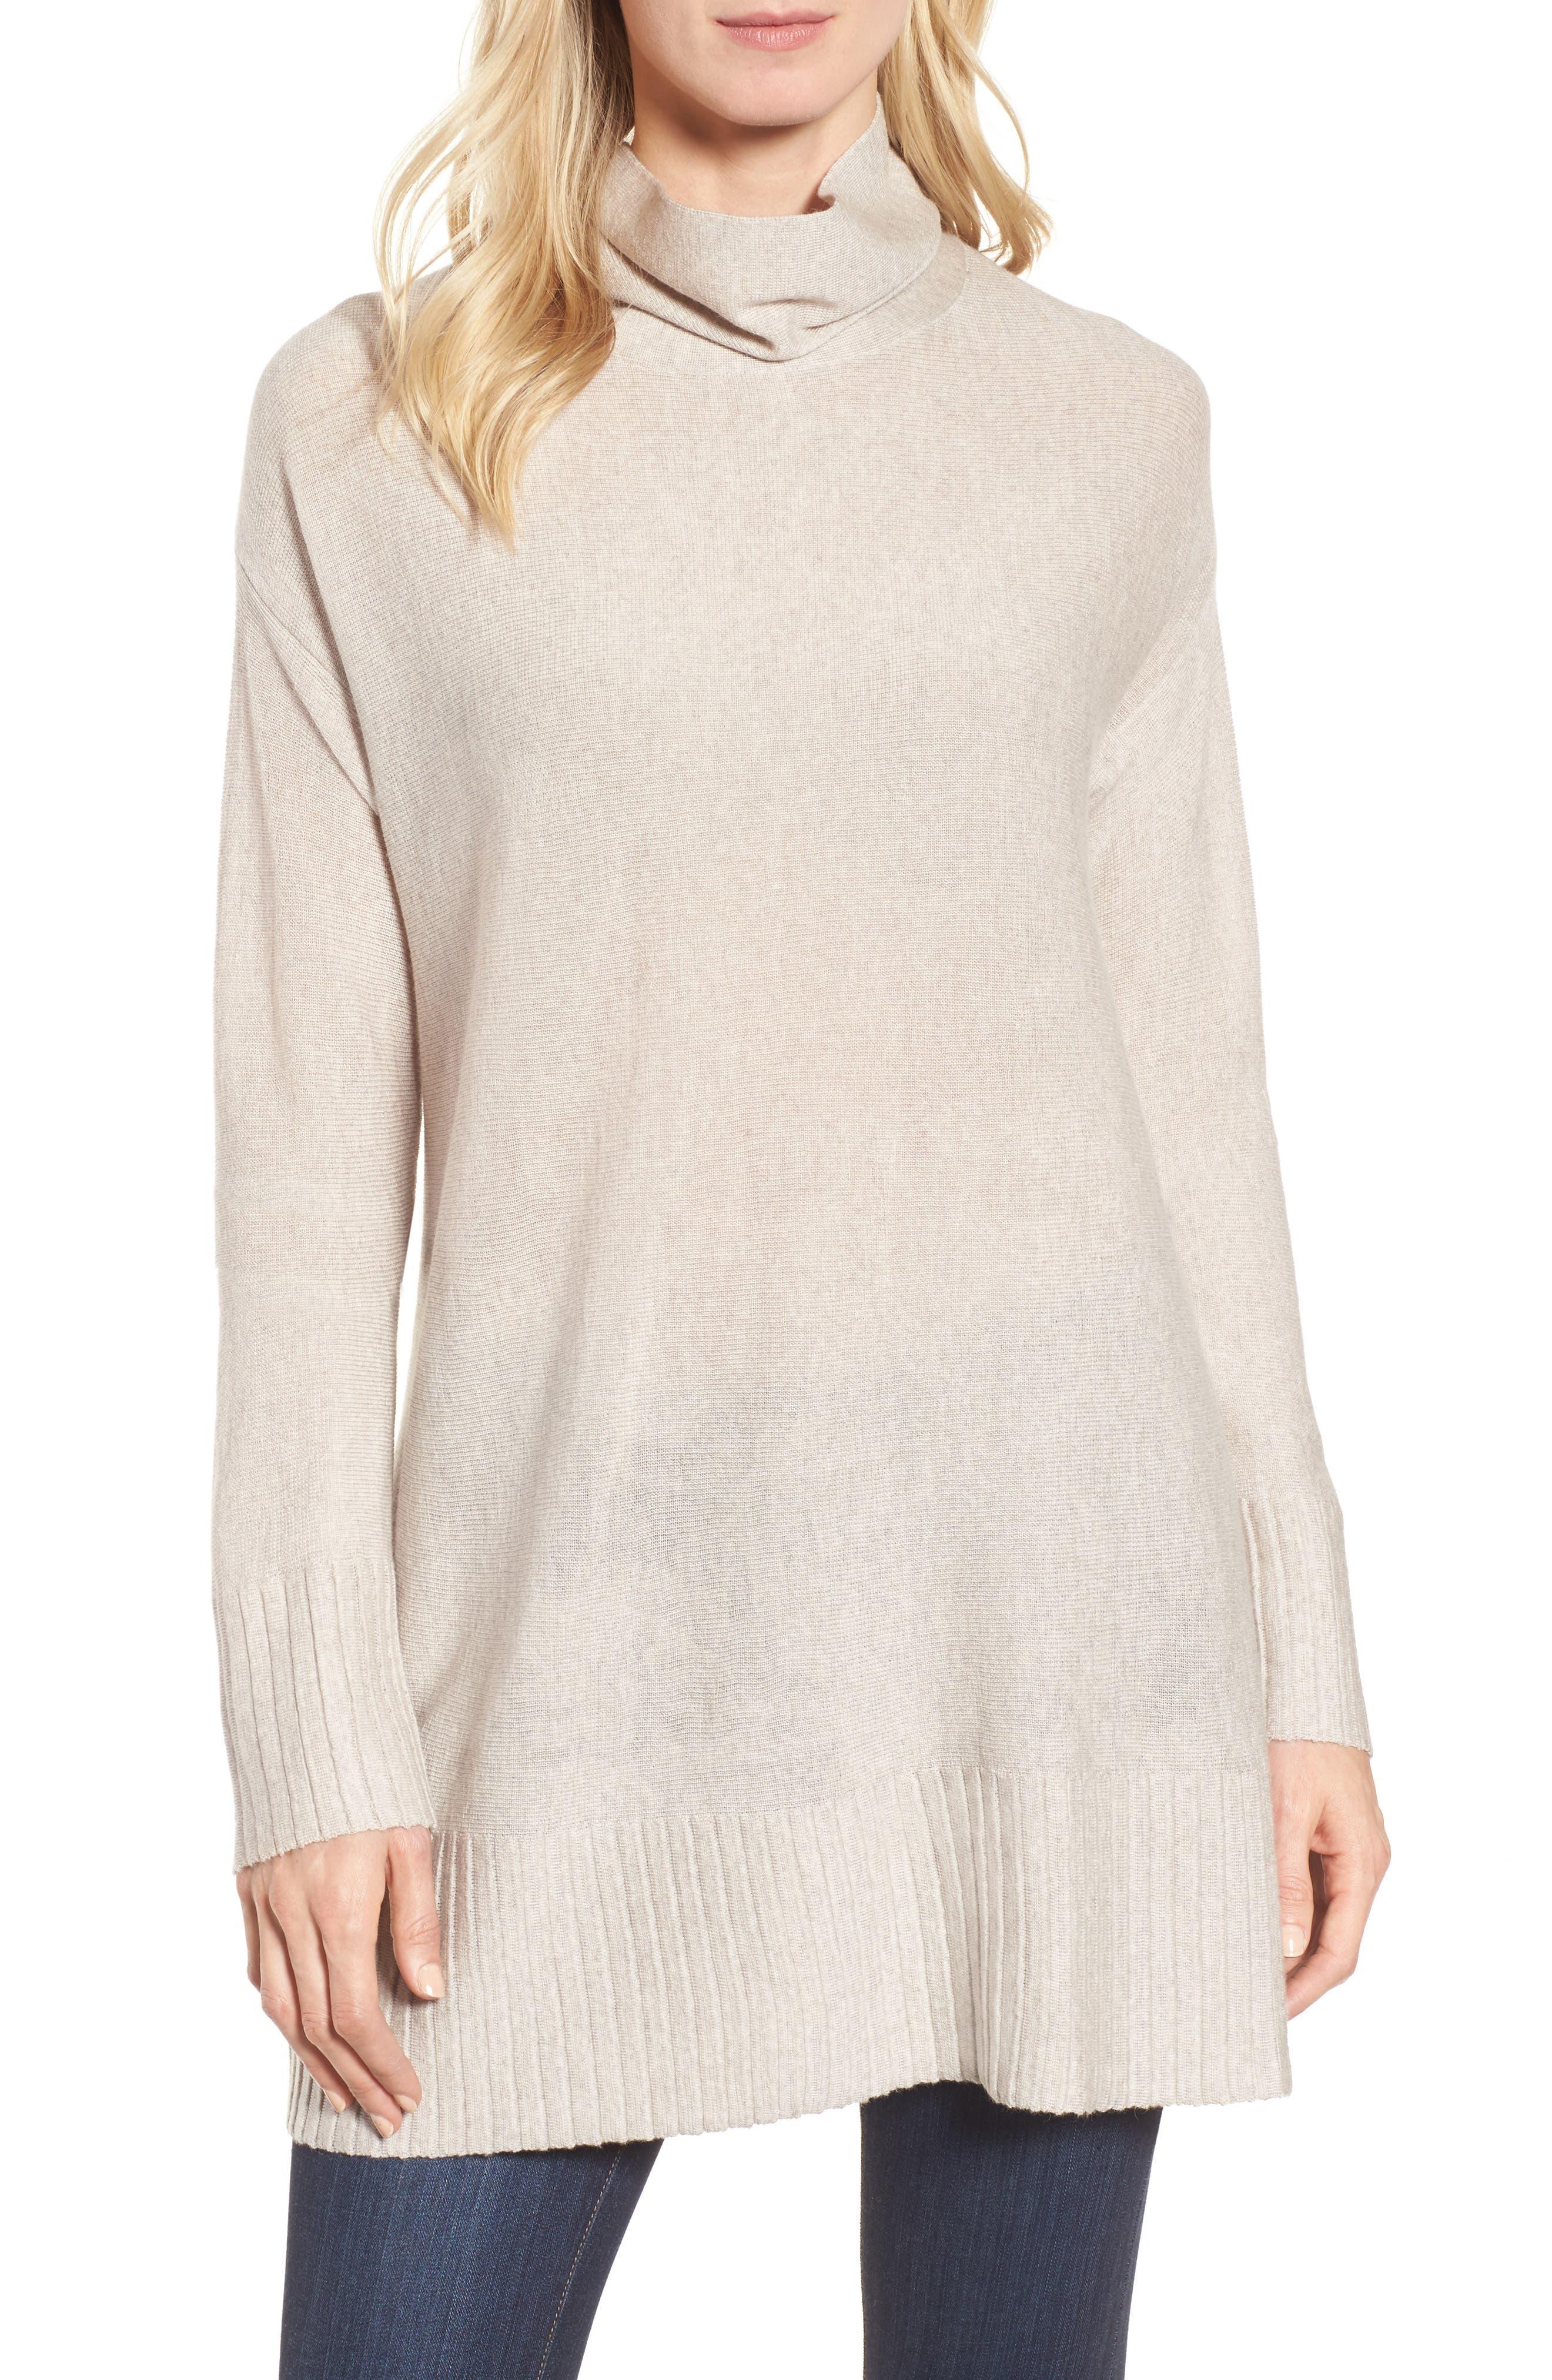 Main Image - Eileen Fisher Merino Wool Tunic Sweater